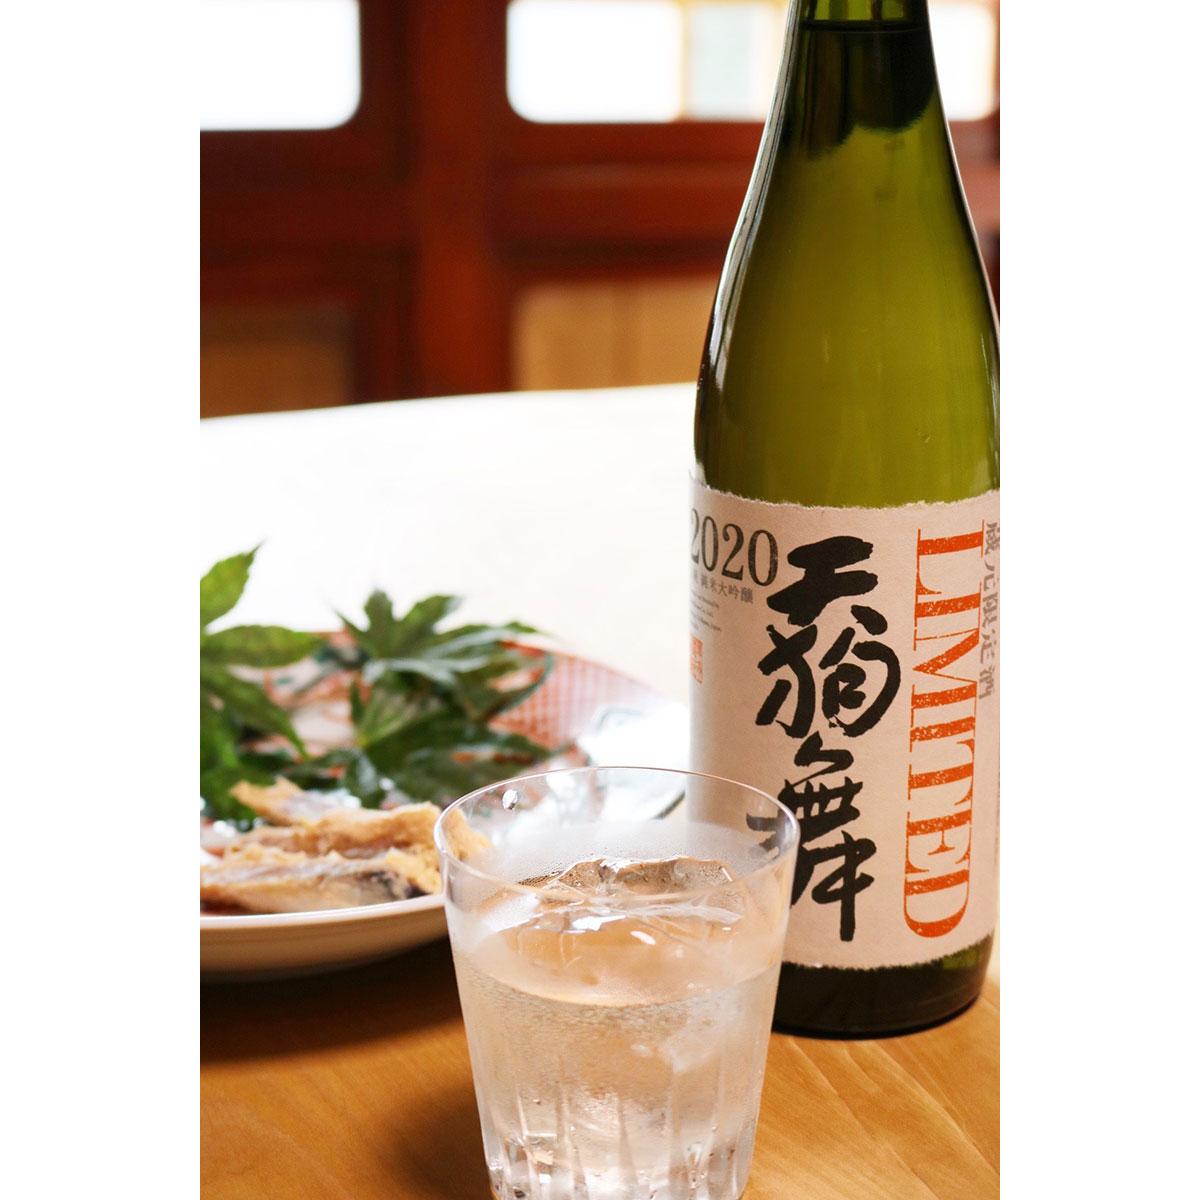 【人気ランキング第3位】天狗舞 蔵元限定酒 山廃純米大吟醸 LIMITED